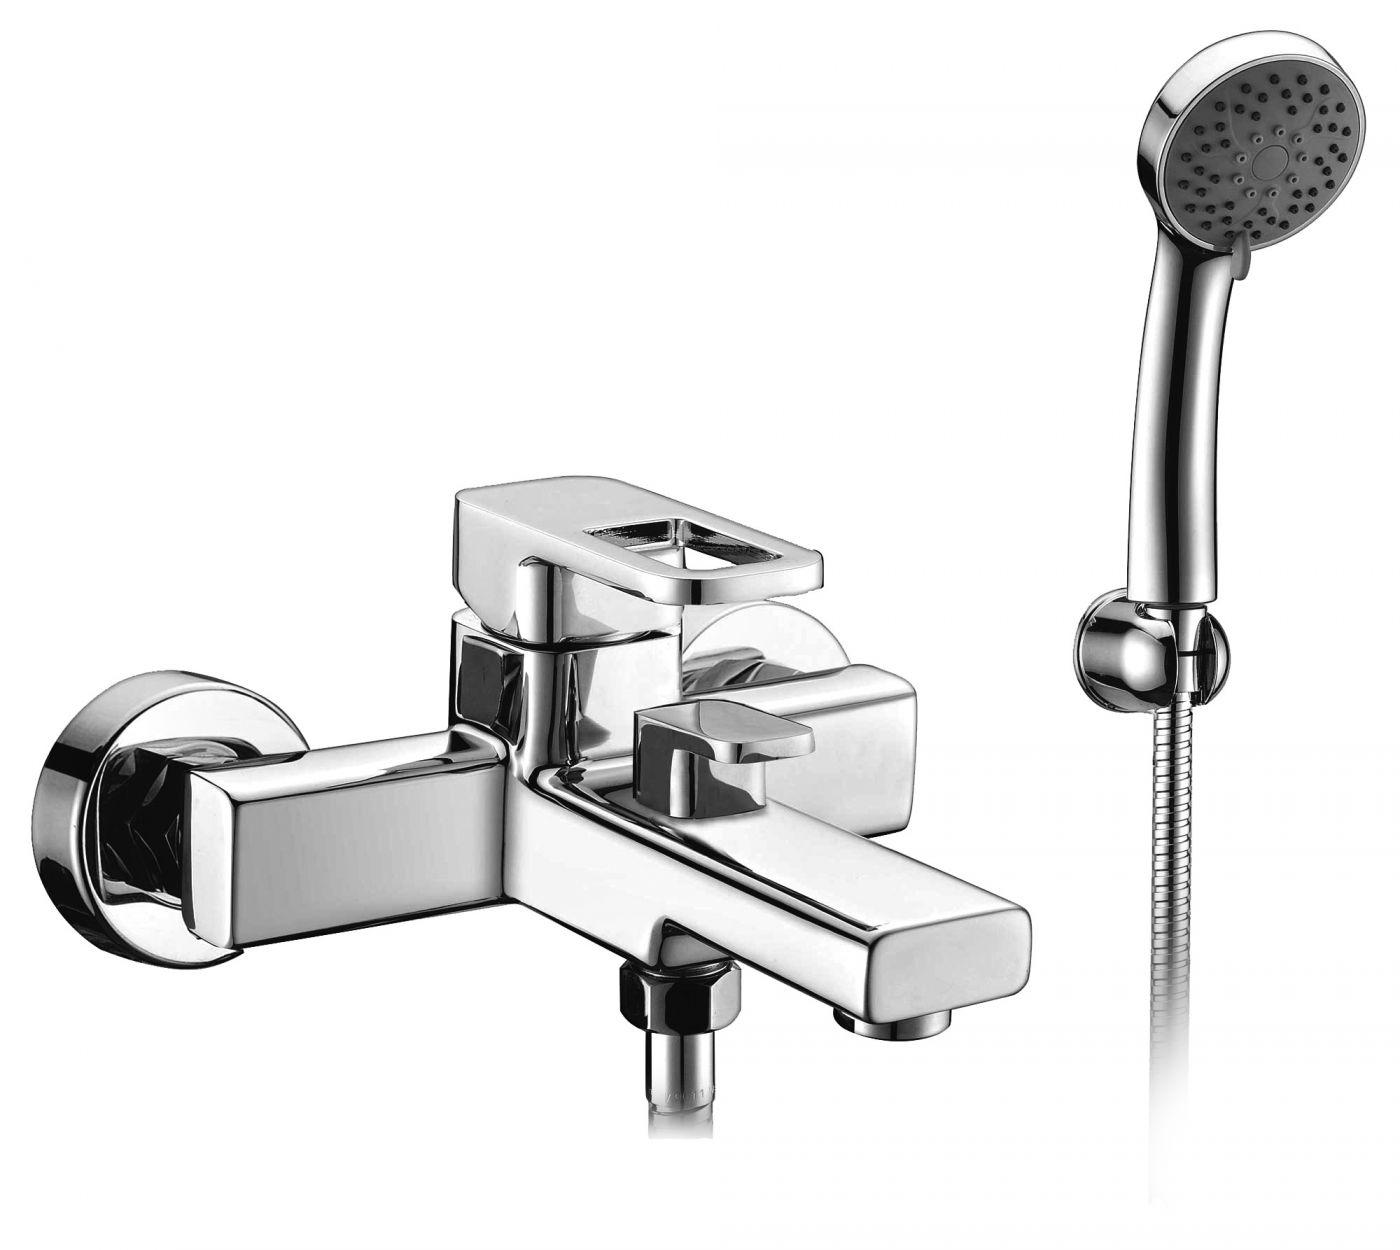 Elghansa Mondschein 2320233 Смеситель для ванны